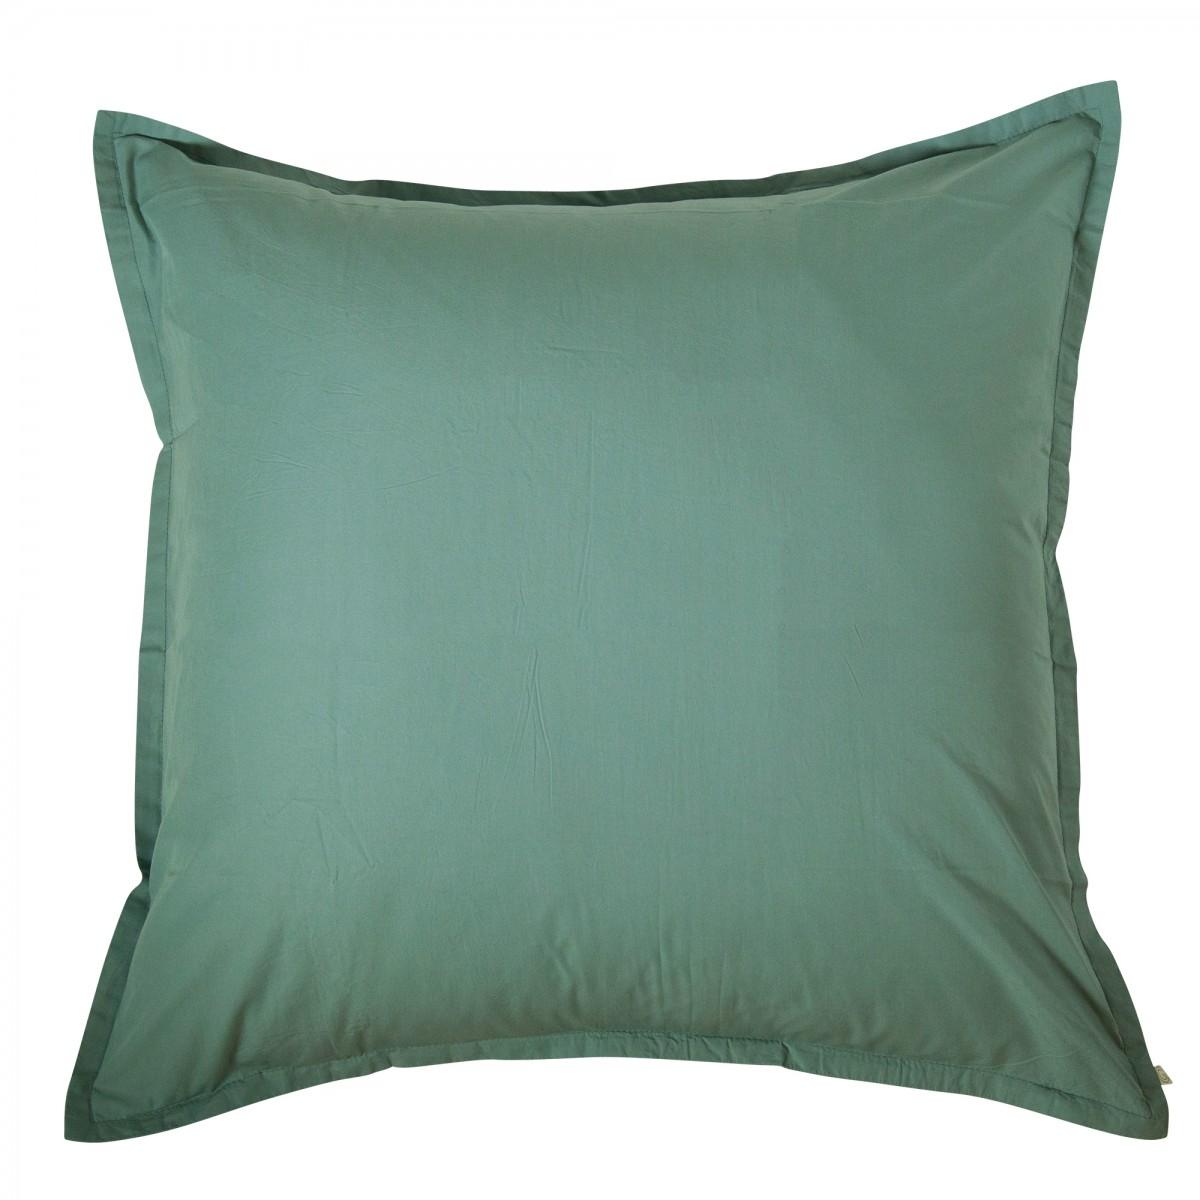 Taie d'oreiller en coton lavé vert 50x75